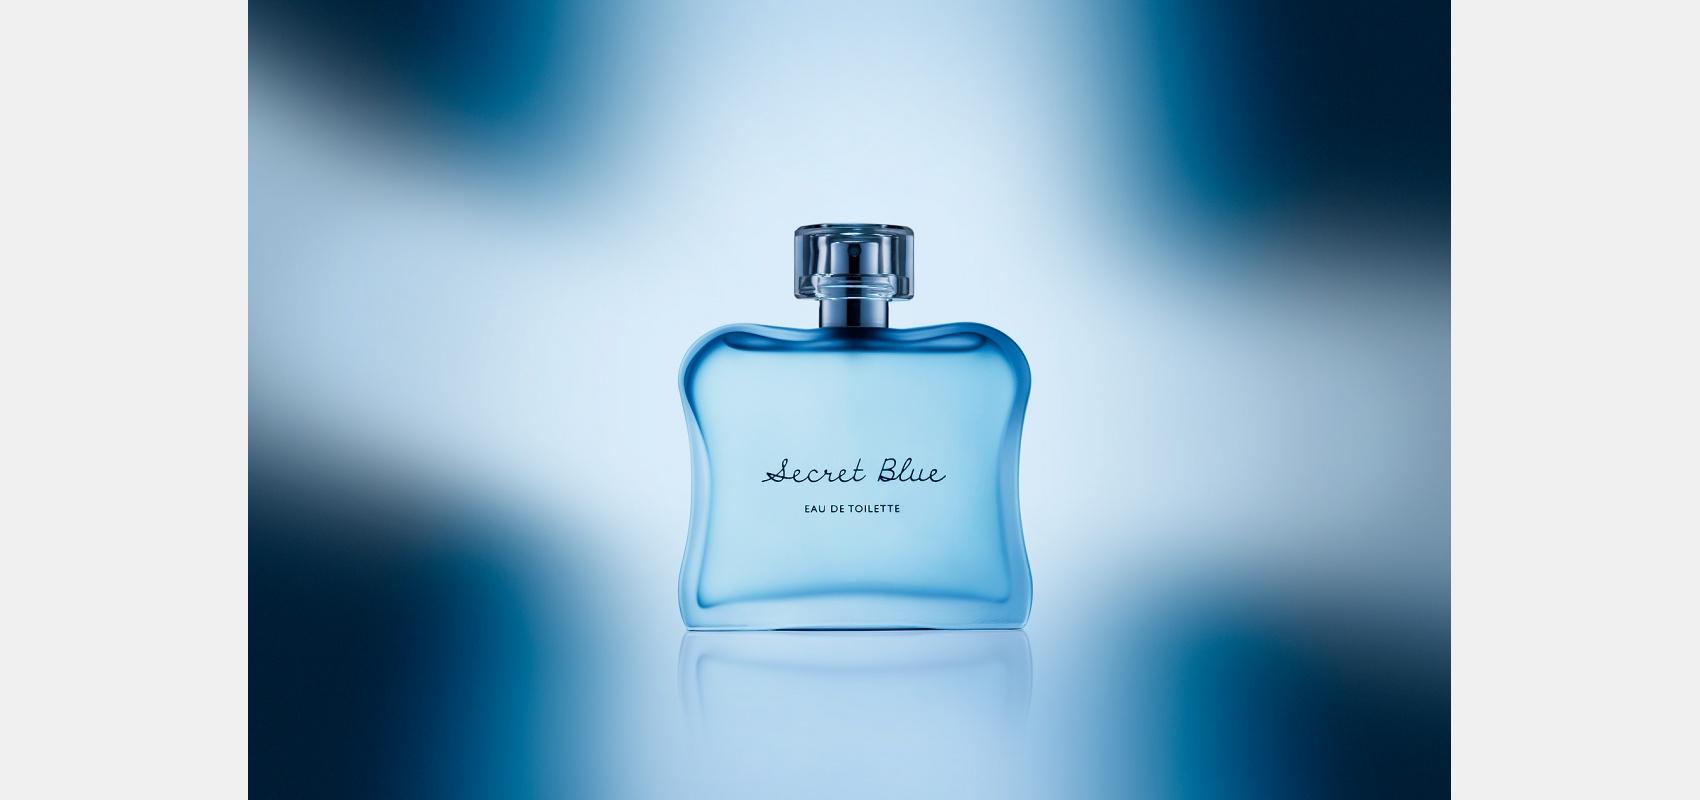 Product photography/cosmetics/perfume/secret blue/bottle/blue & white background